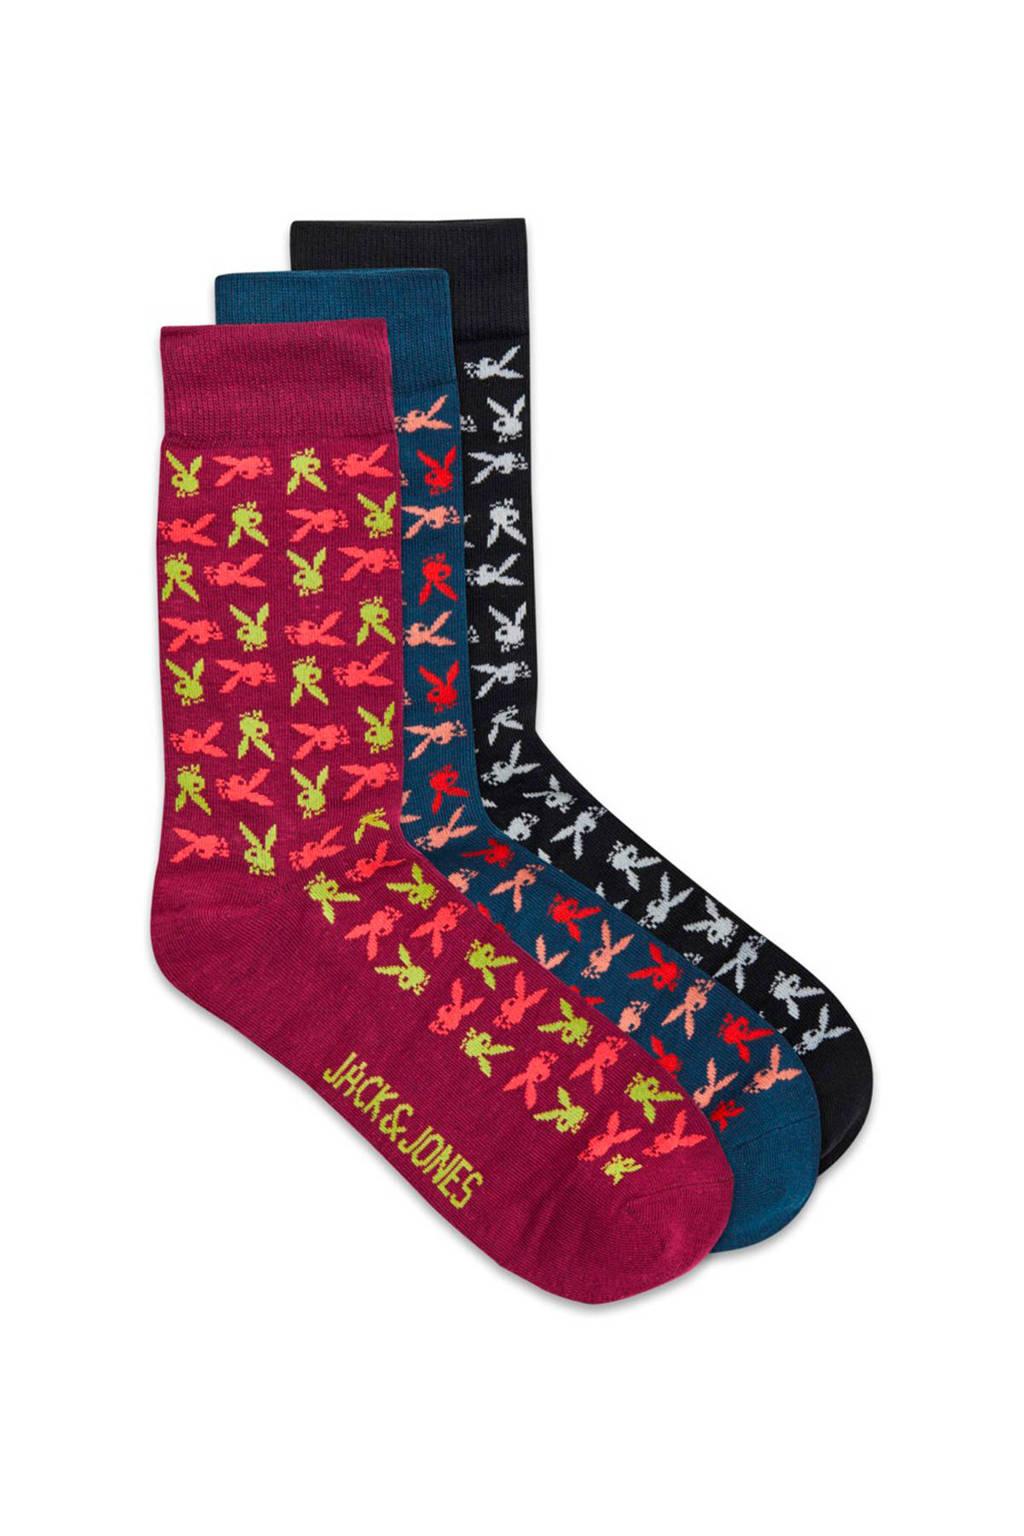 JACK & JONES giftbox sokken 3 paar, Zwart/rood/blauw